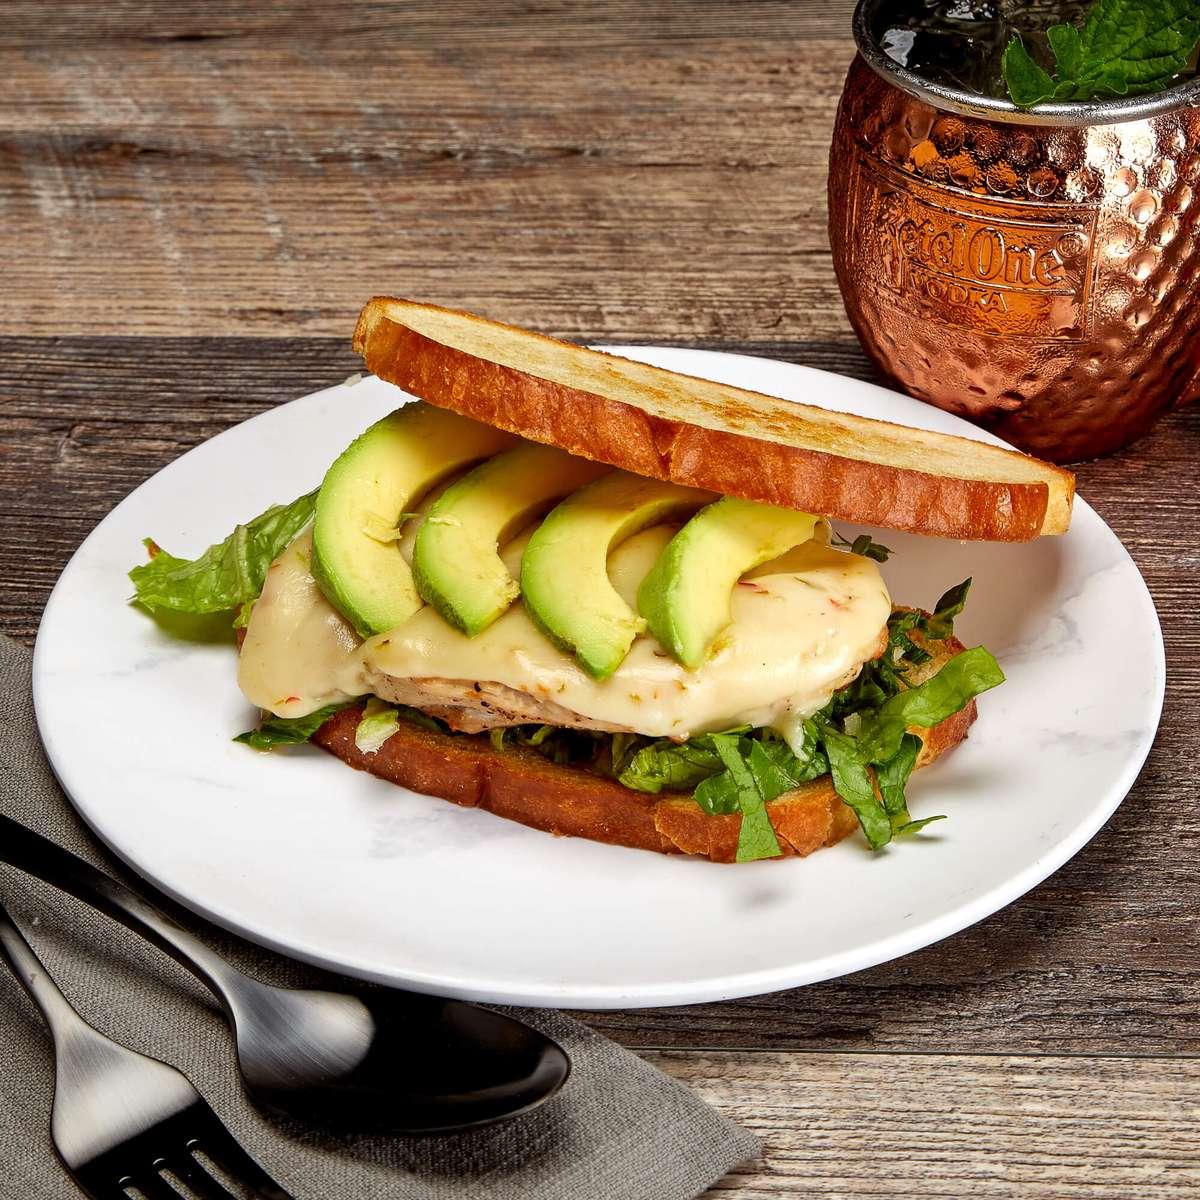 Chicken Chipotle Sandwich